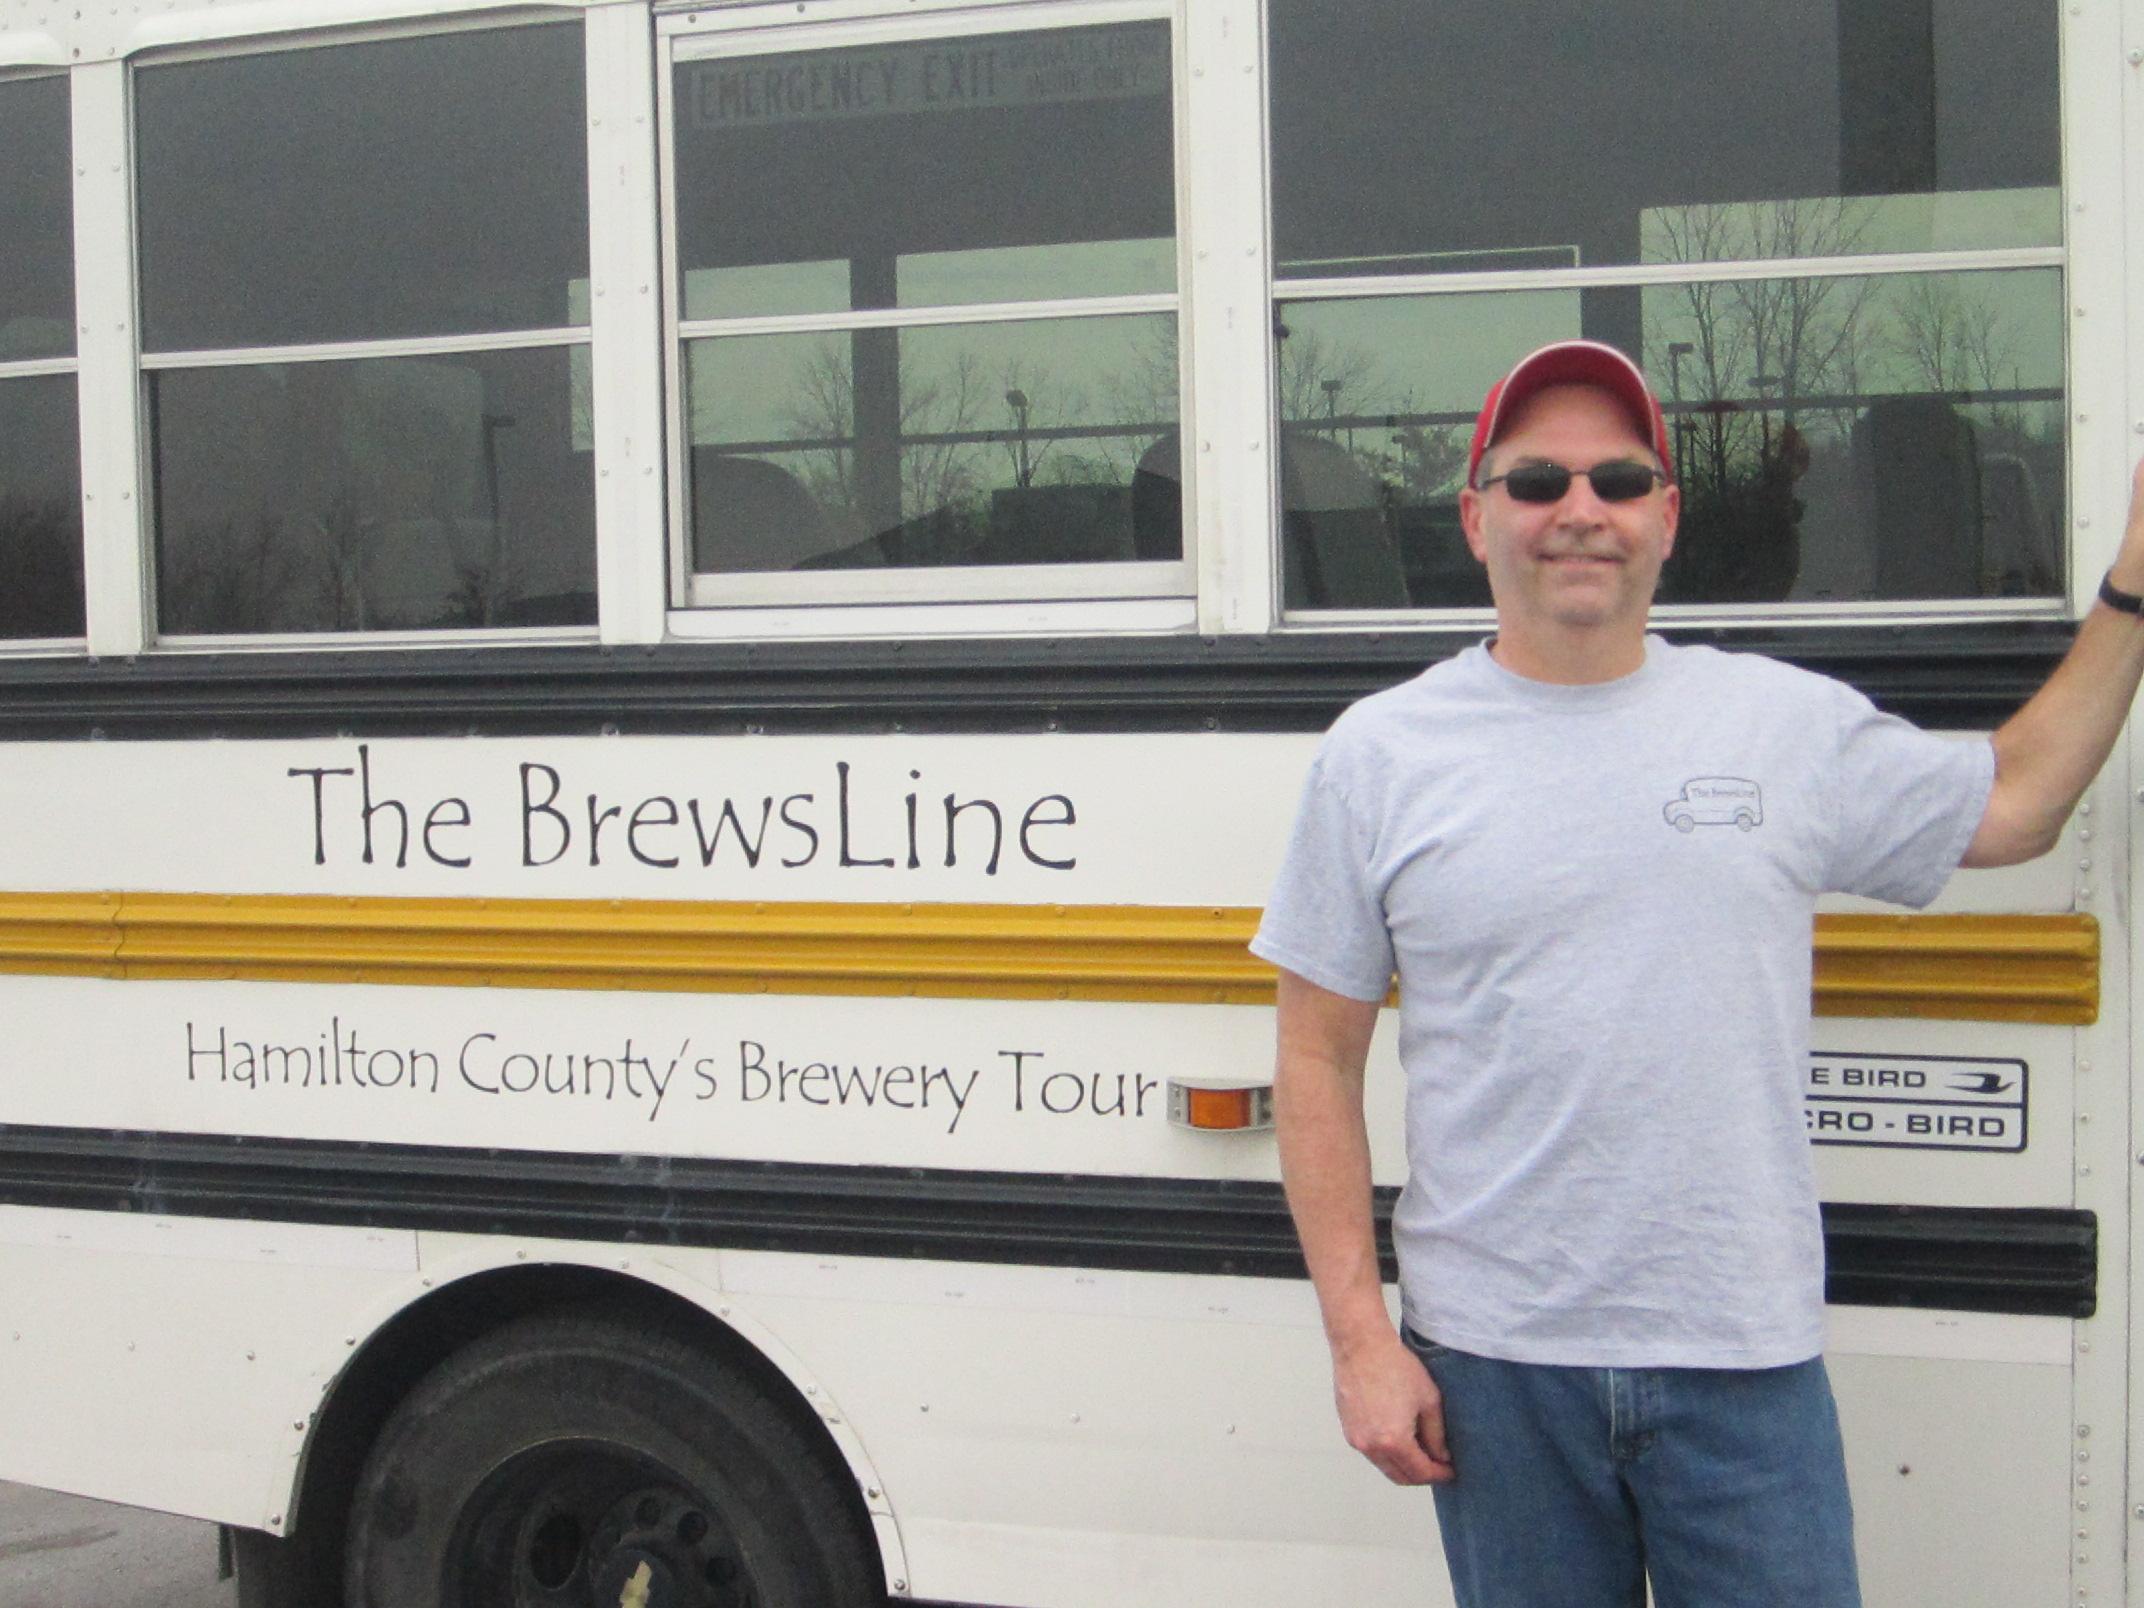 Brewsline Tour